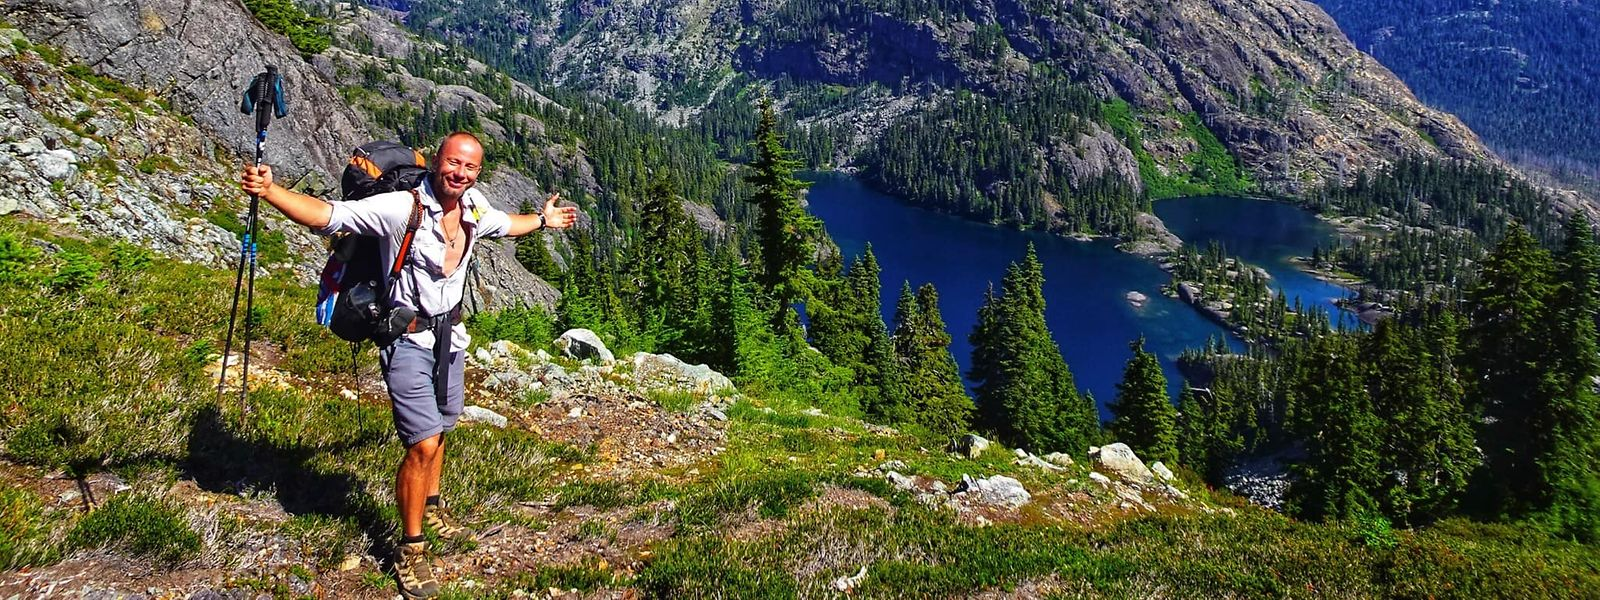 Kurz vor dem Ziel – eine Aussicht zum Genießen auf dem Snowqualmie-Pass im US-Bundesstaat Washington.